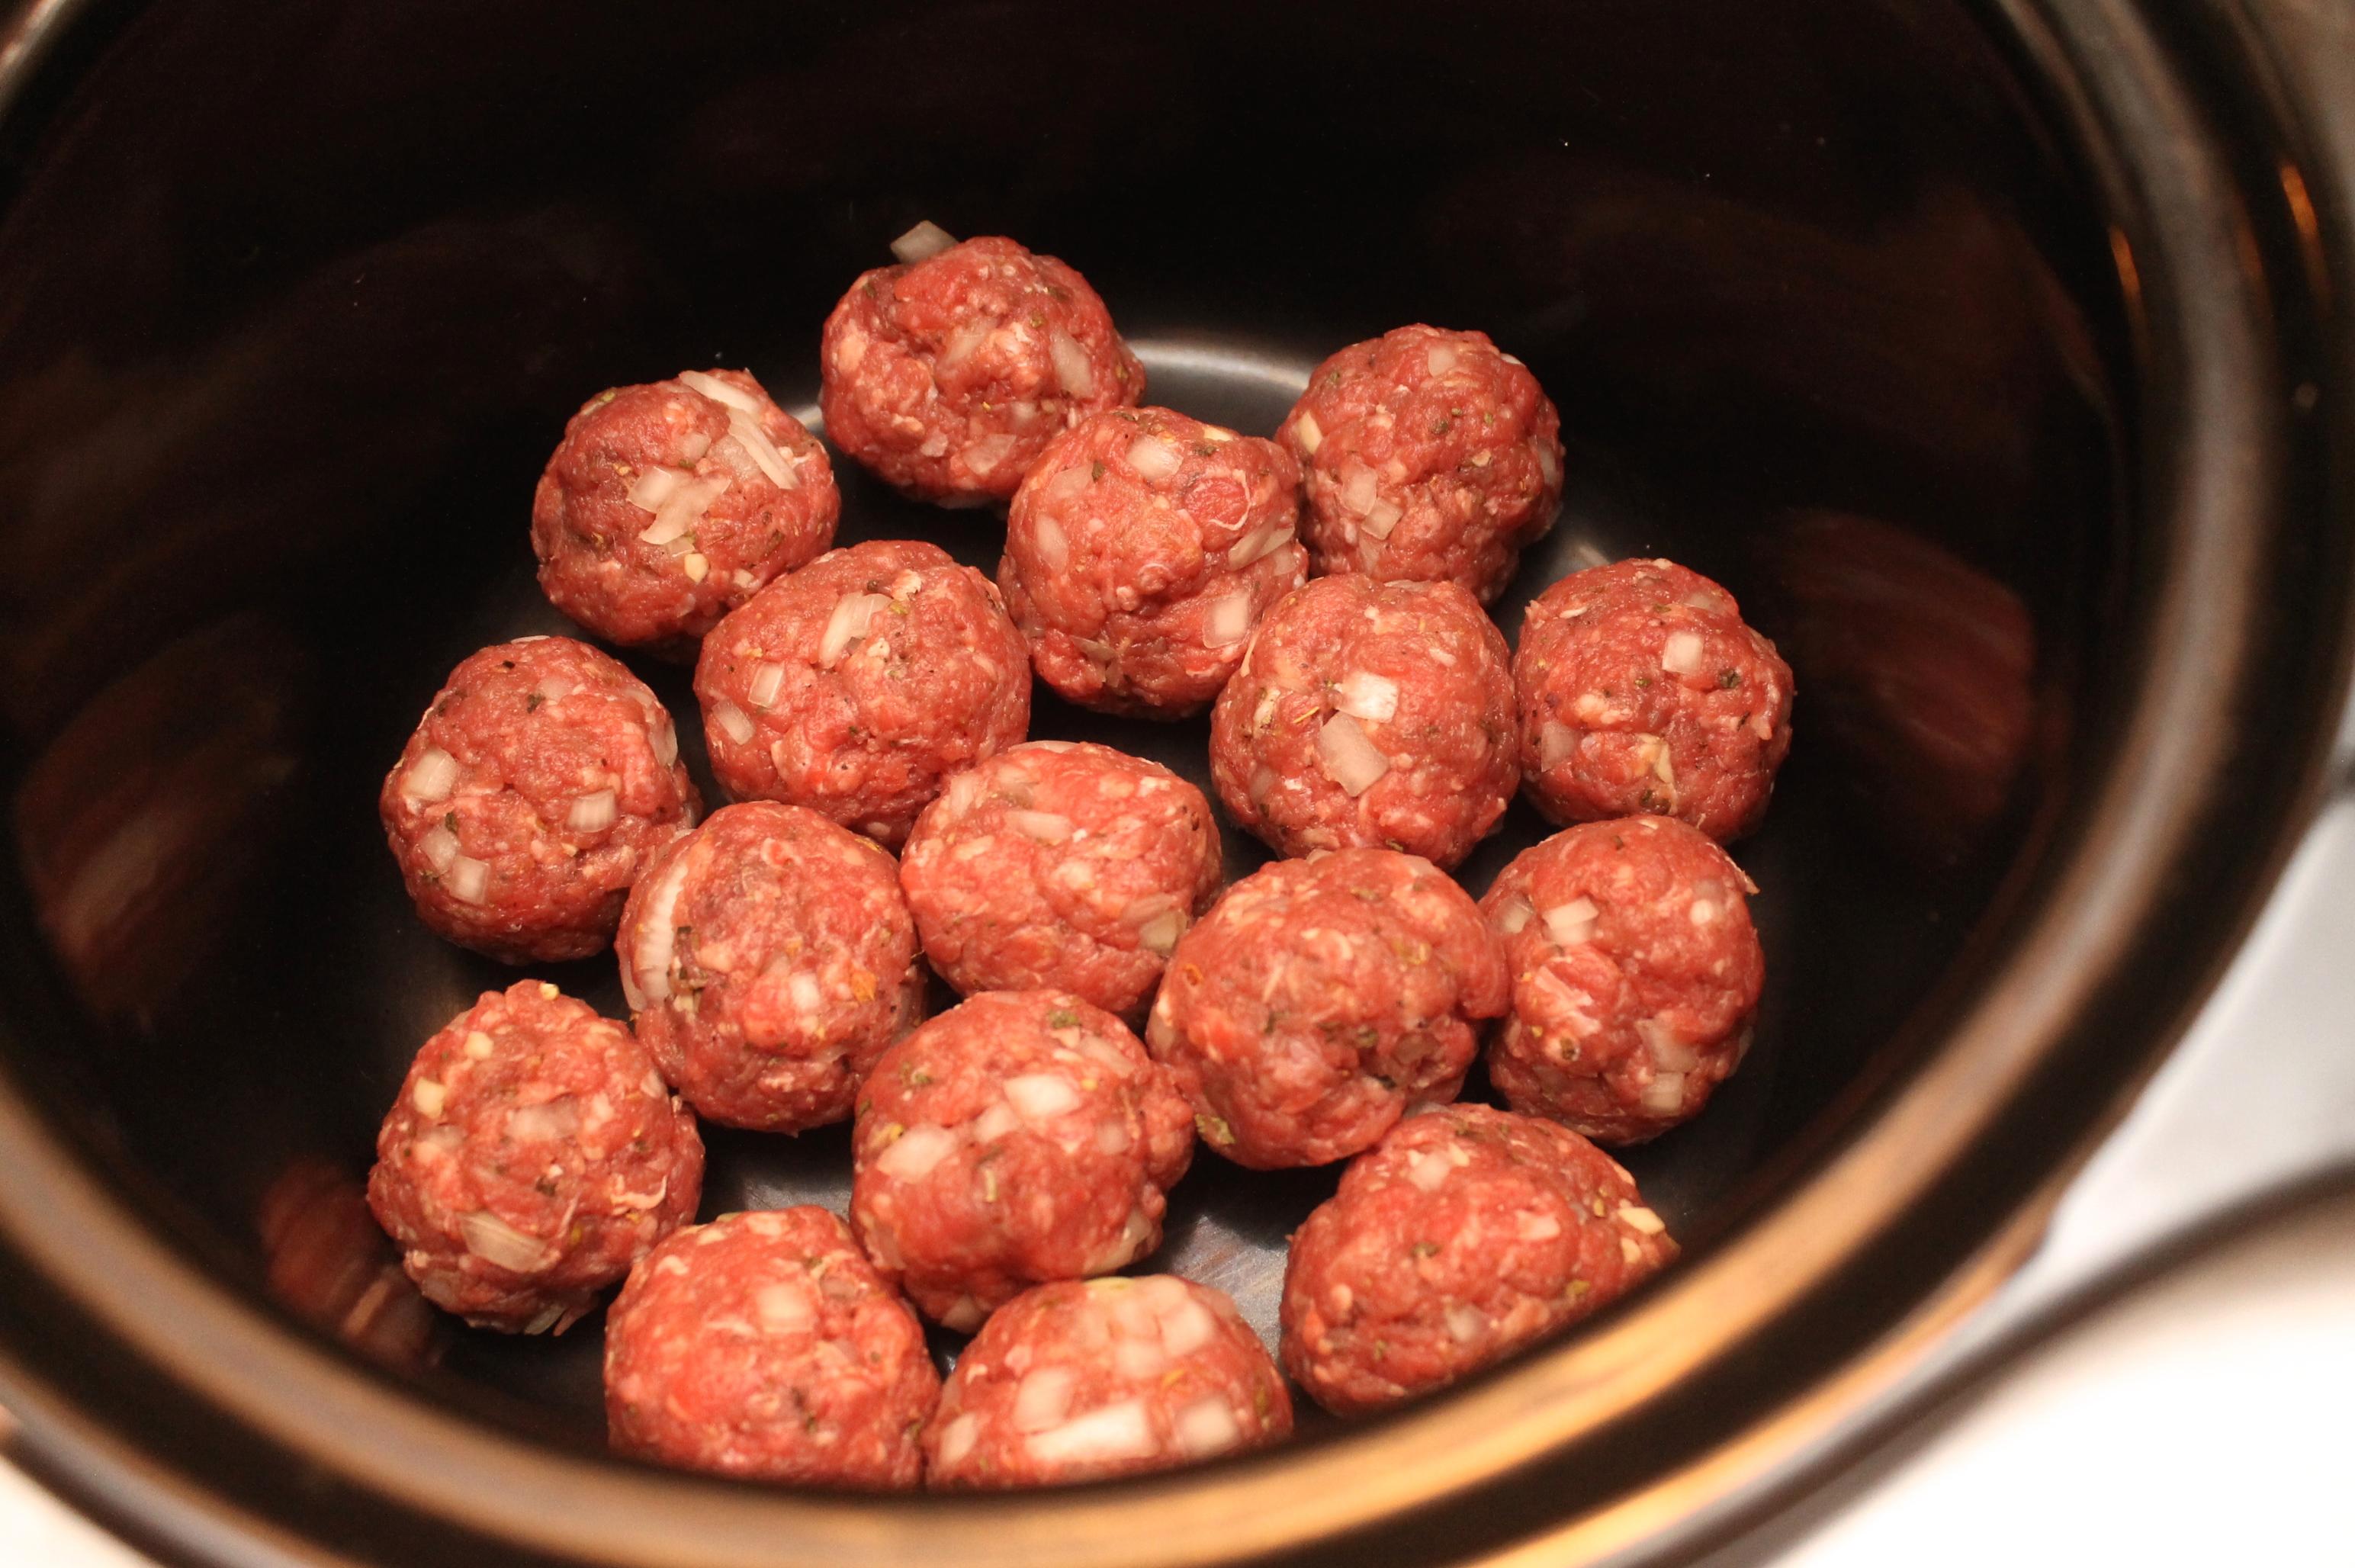 meatballs in slow cooker